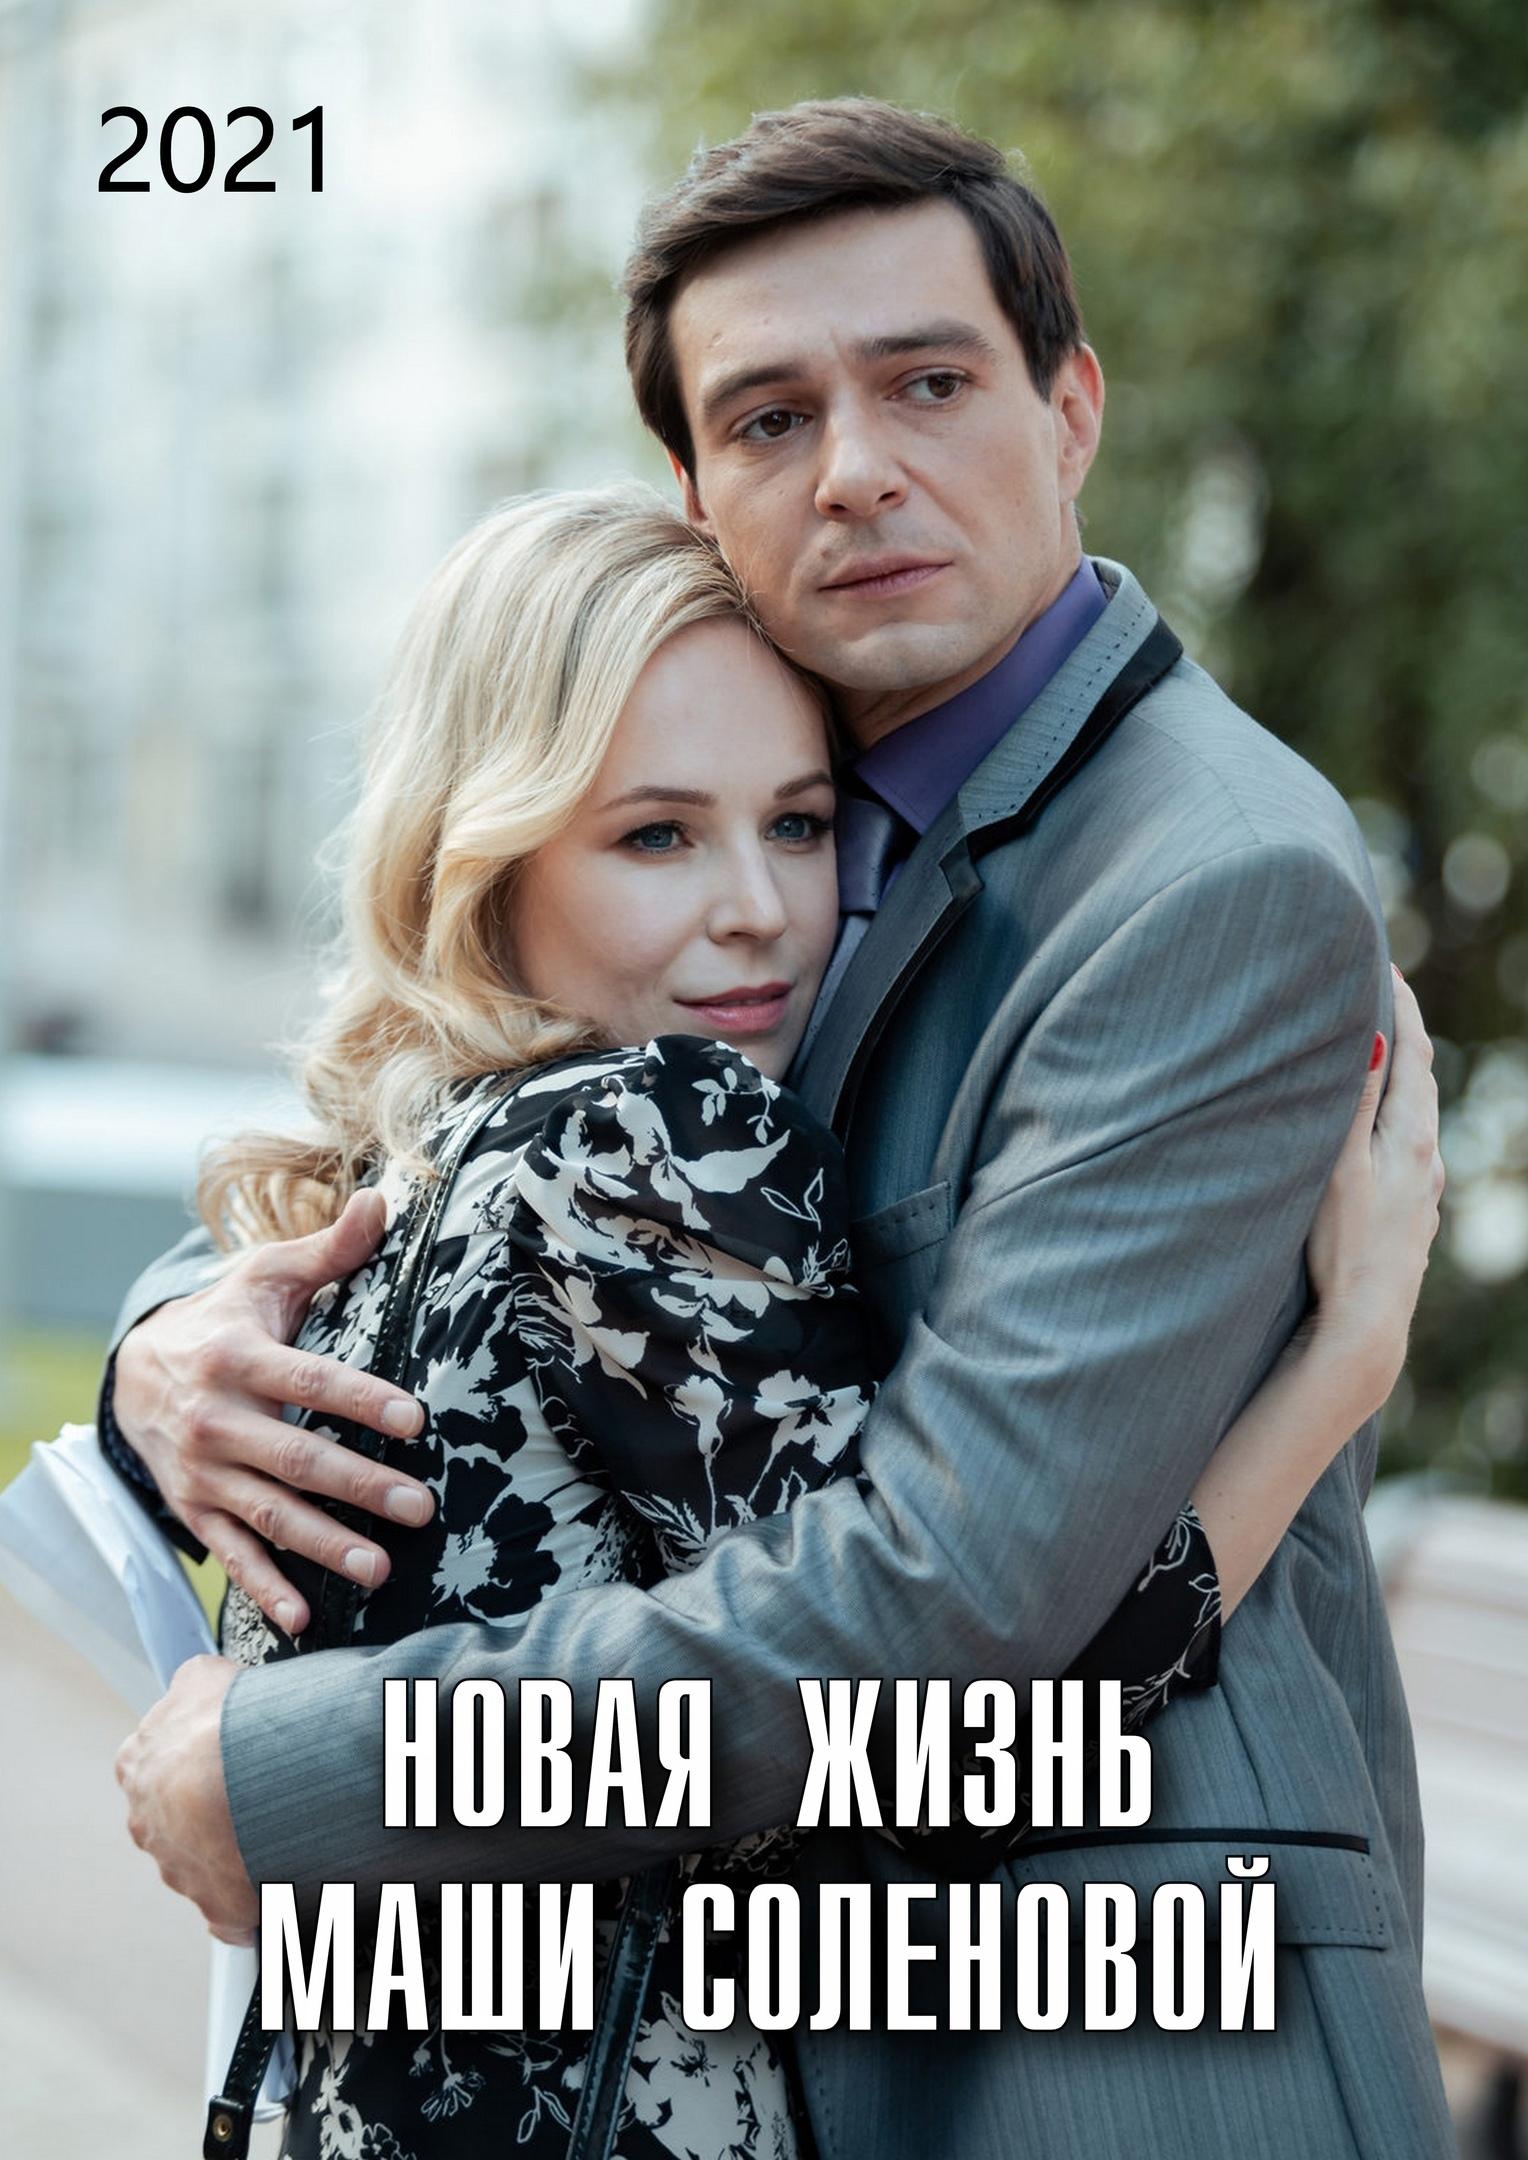 Мелодрама «Hoвaя жизнь Maши Coлeнoвoй» (2021) 1-4 серия из 4 HD